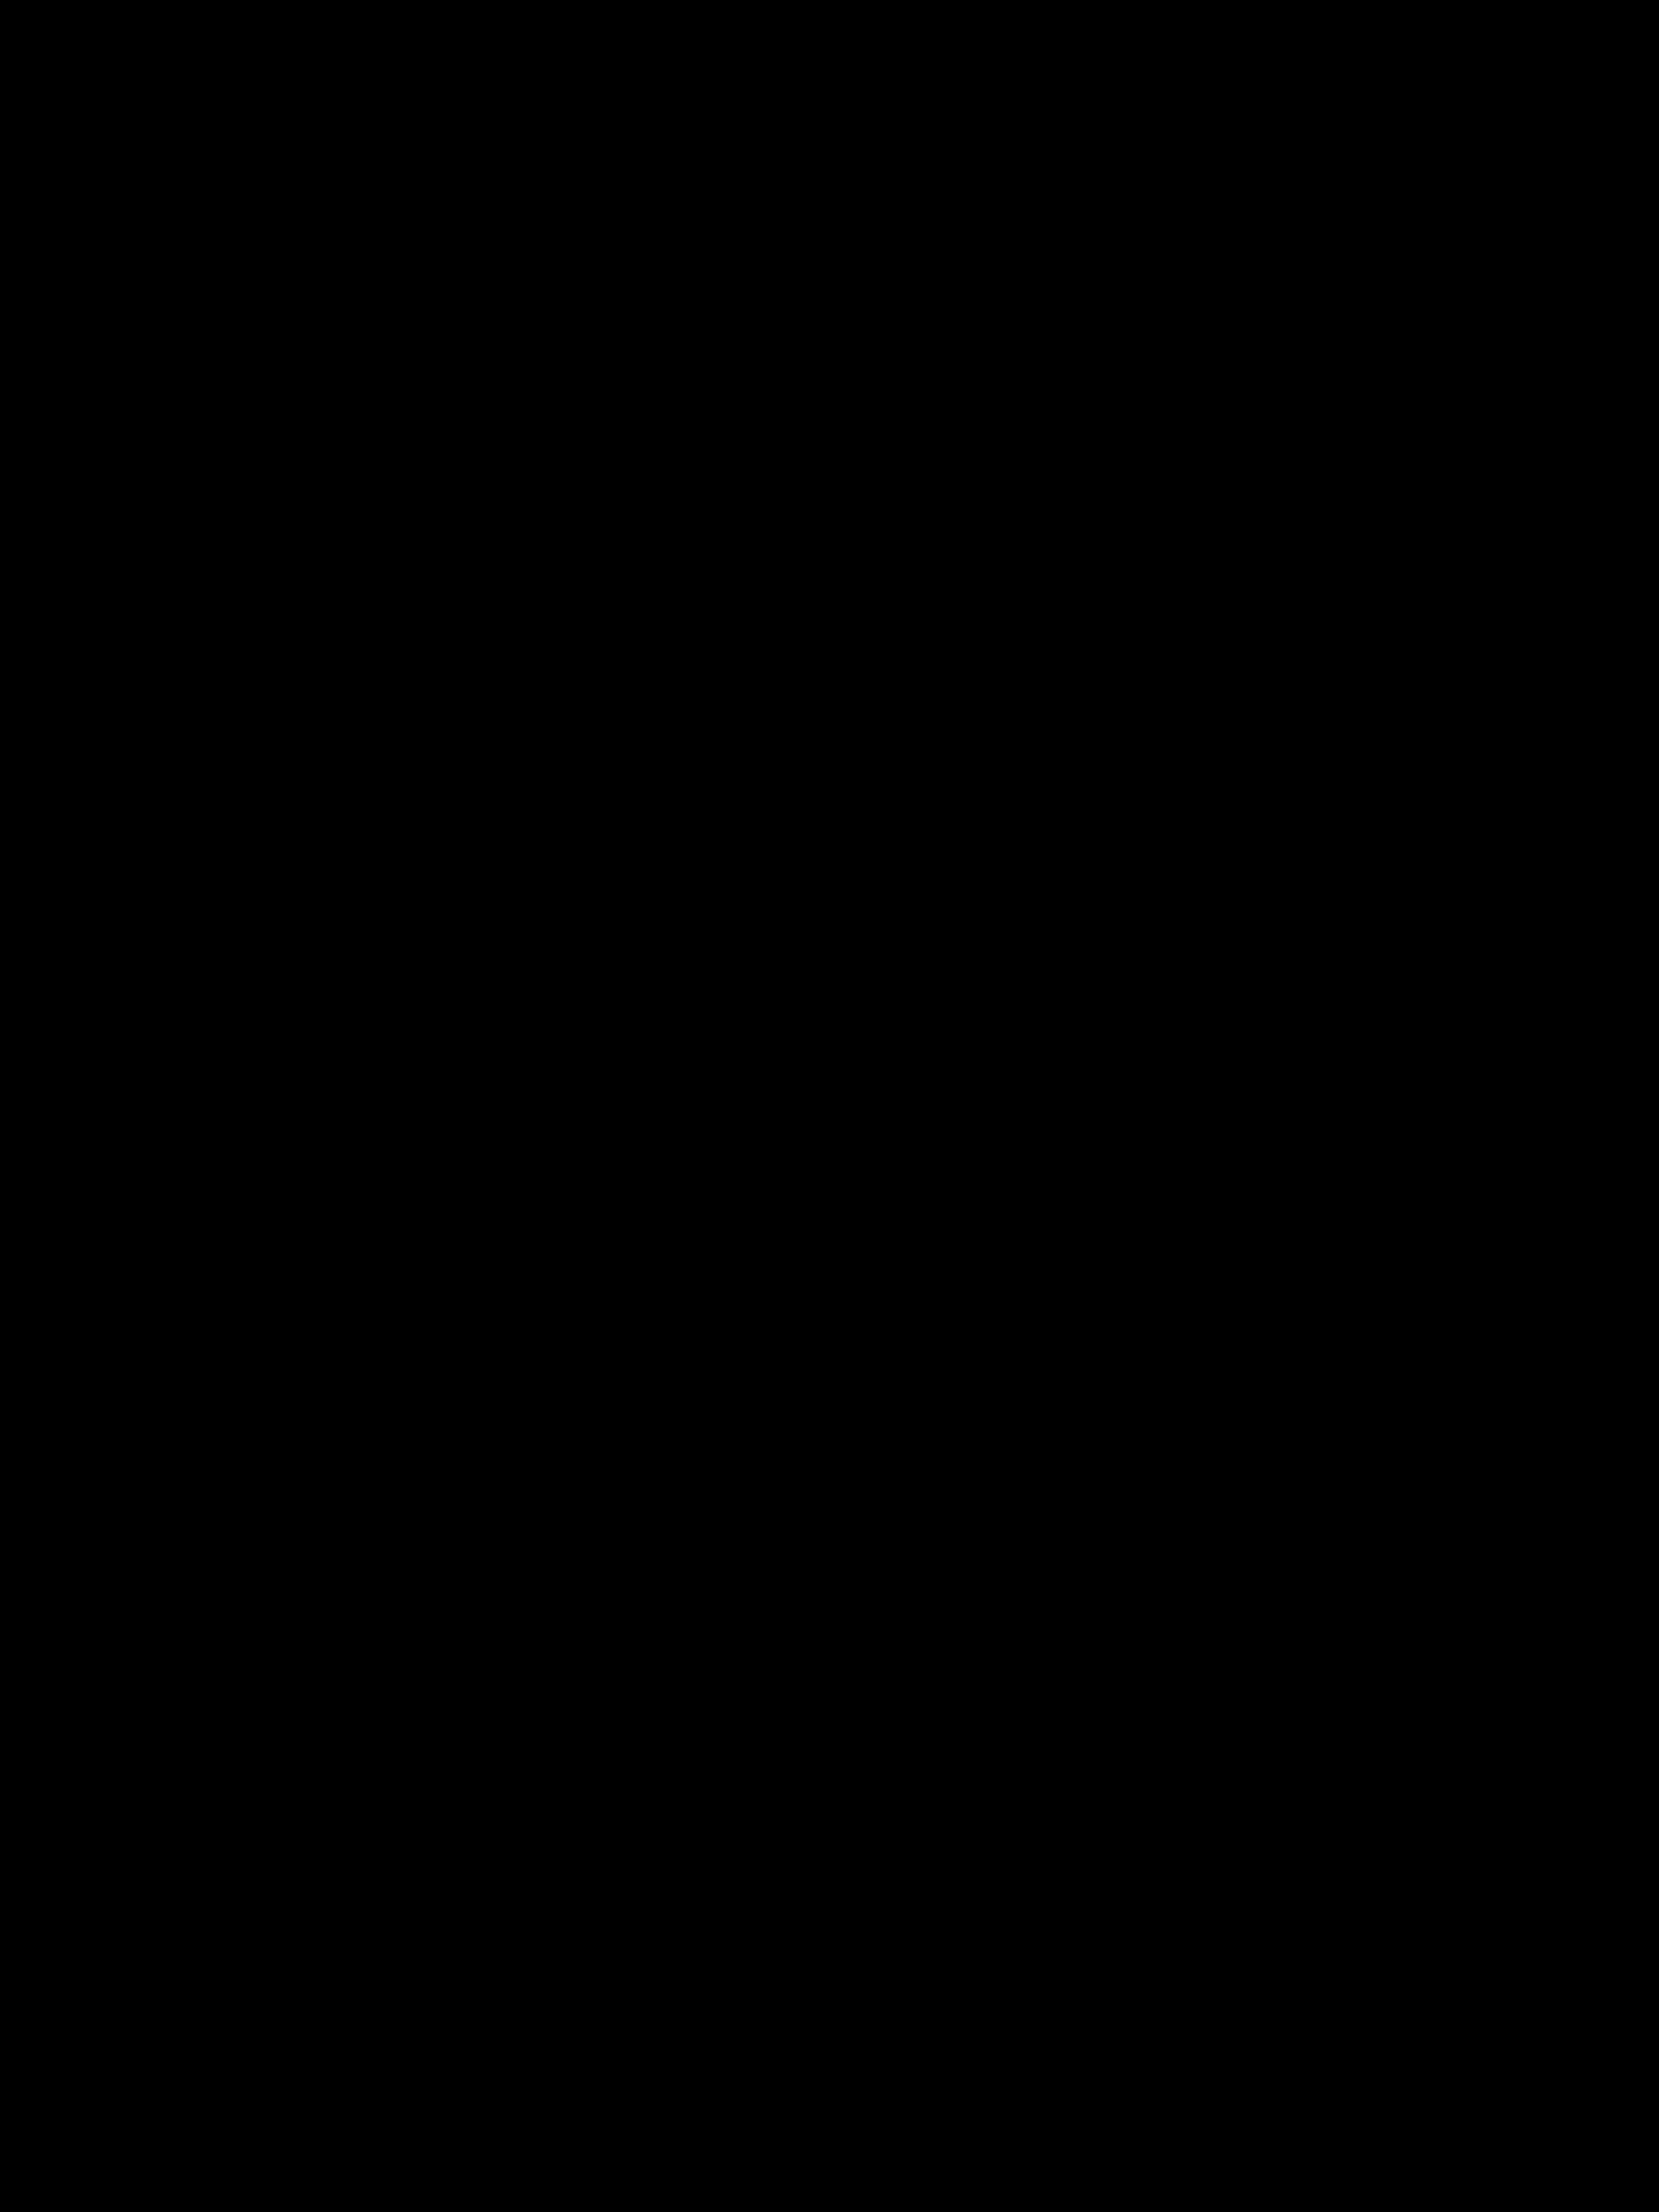 sara-erminia-carlotta-porrino